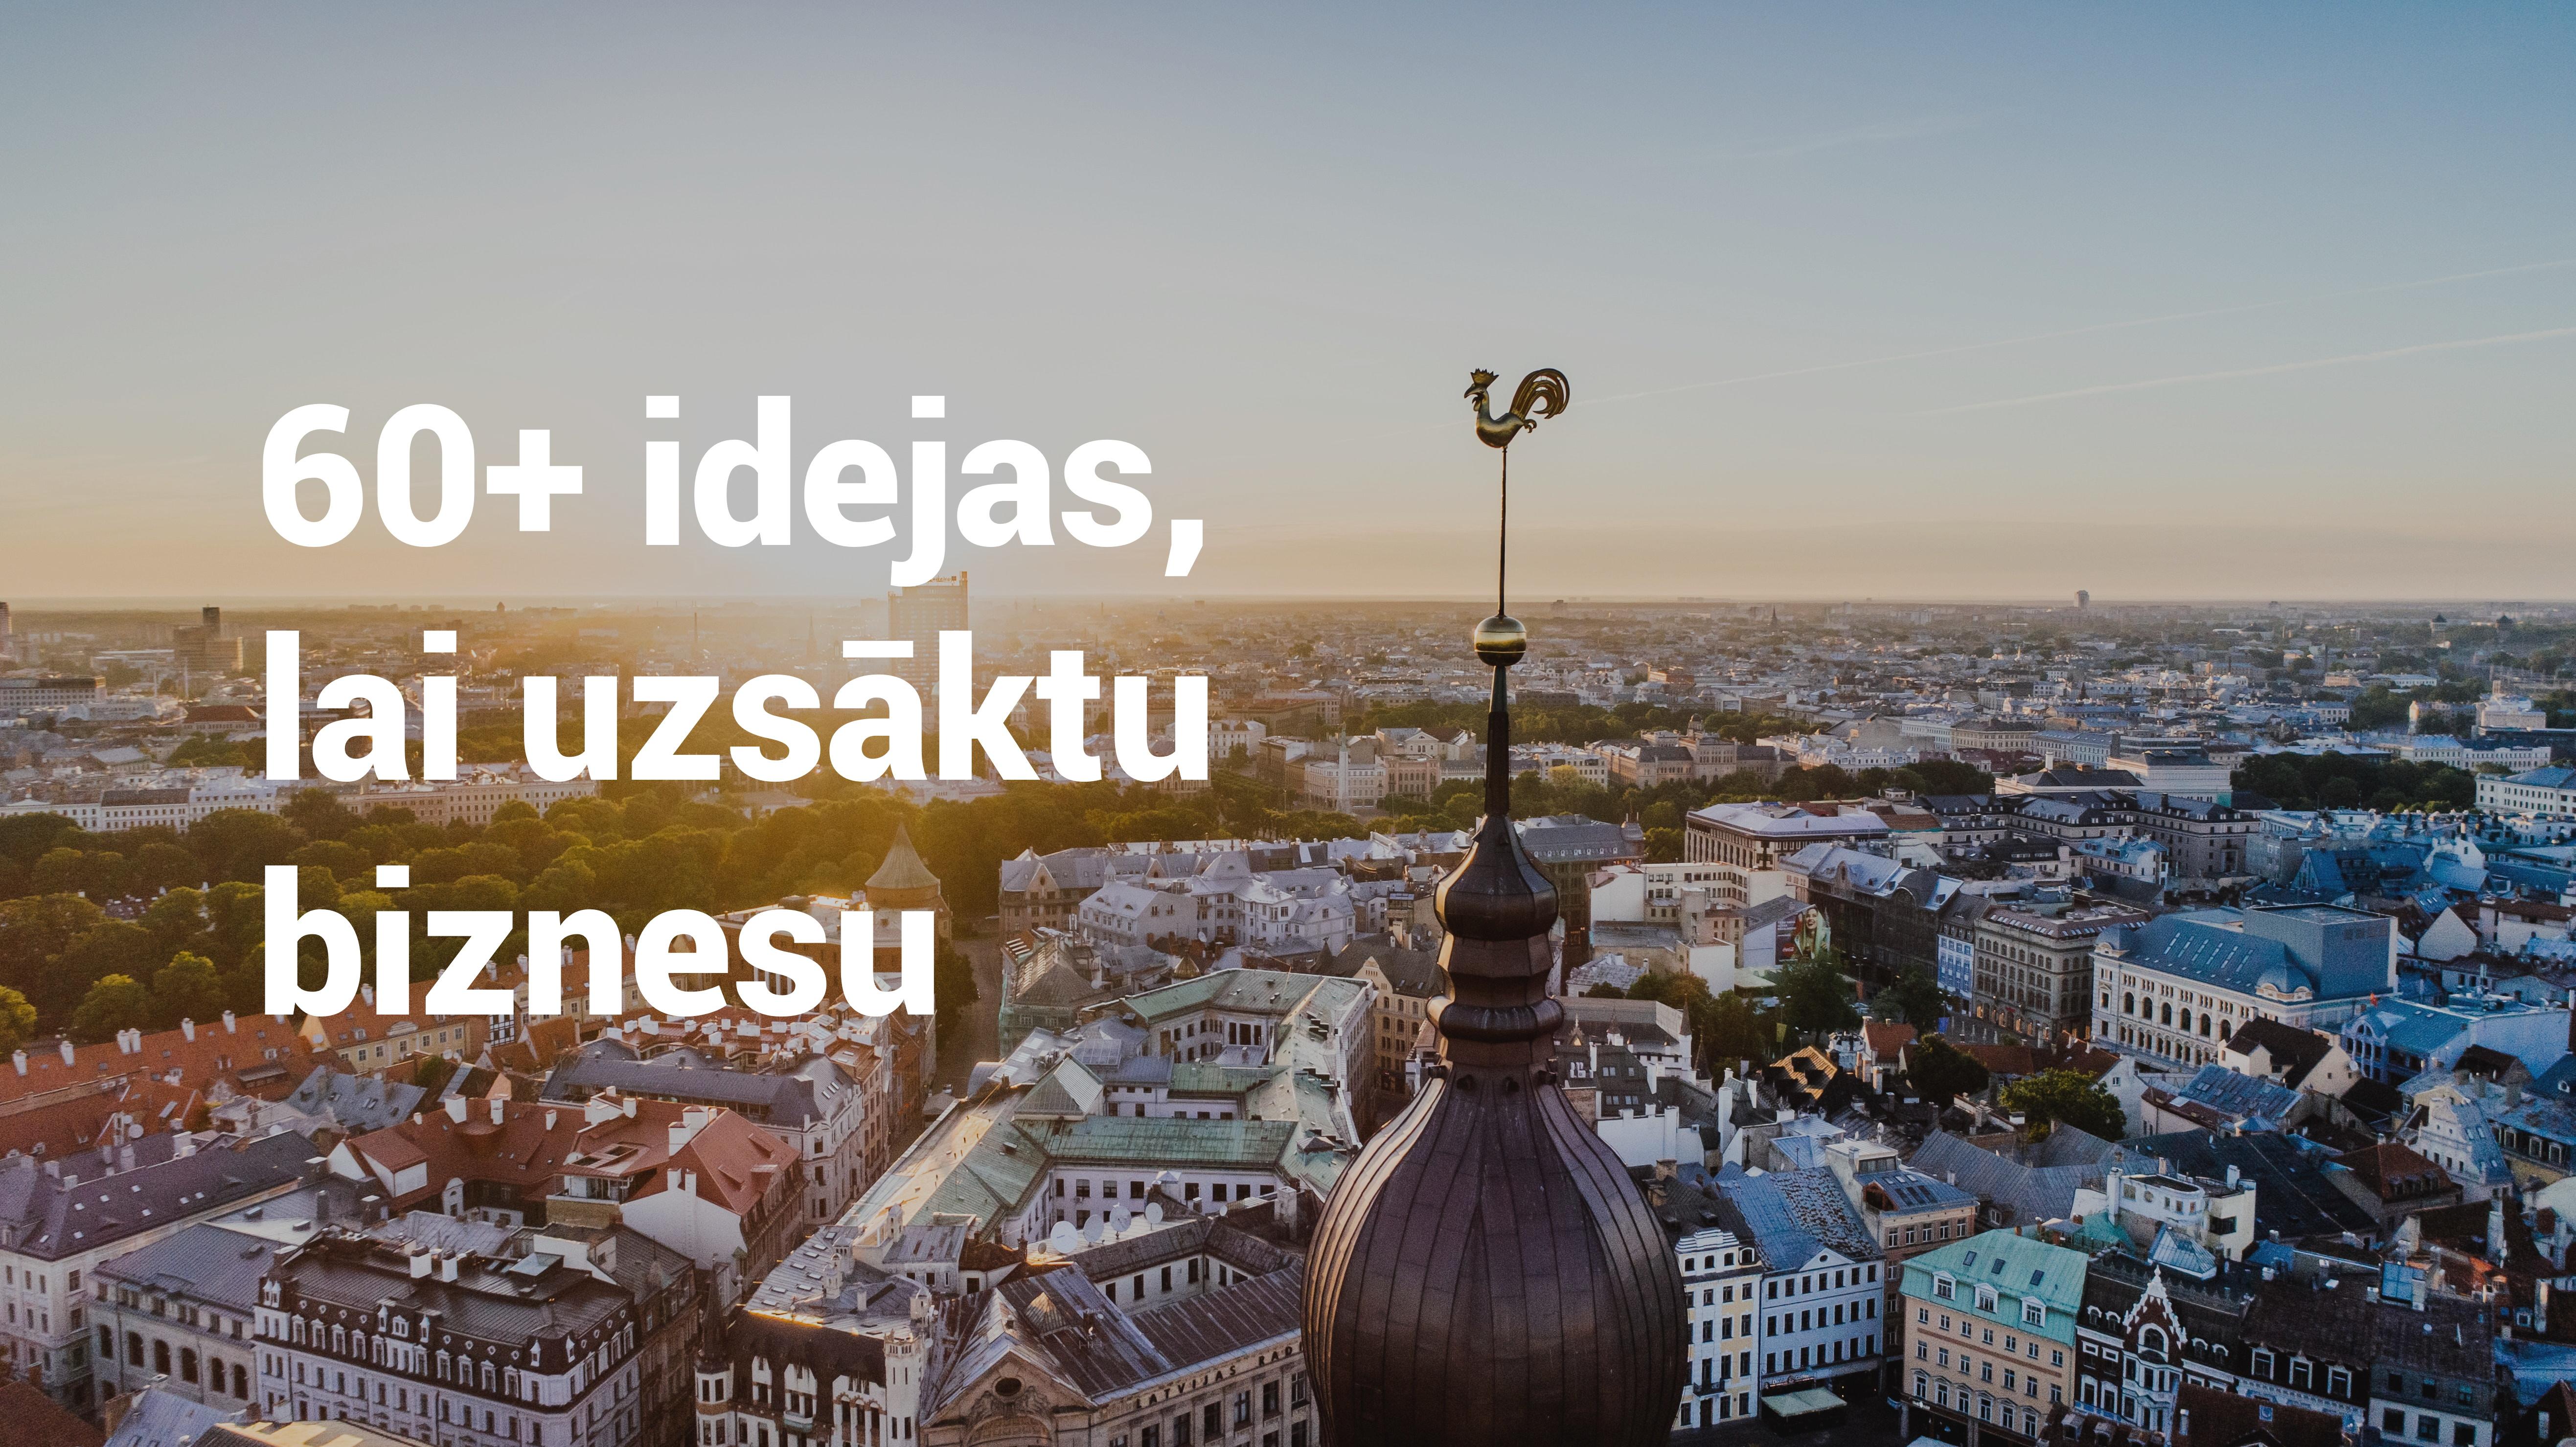 biznesa idejas mazpilsētā kādi ir reālie veidi kā pelnīt naudu tiešsaistē